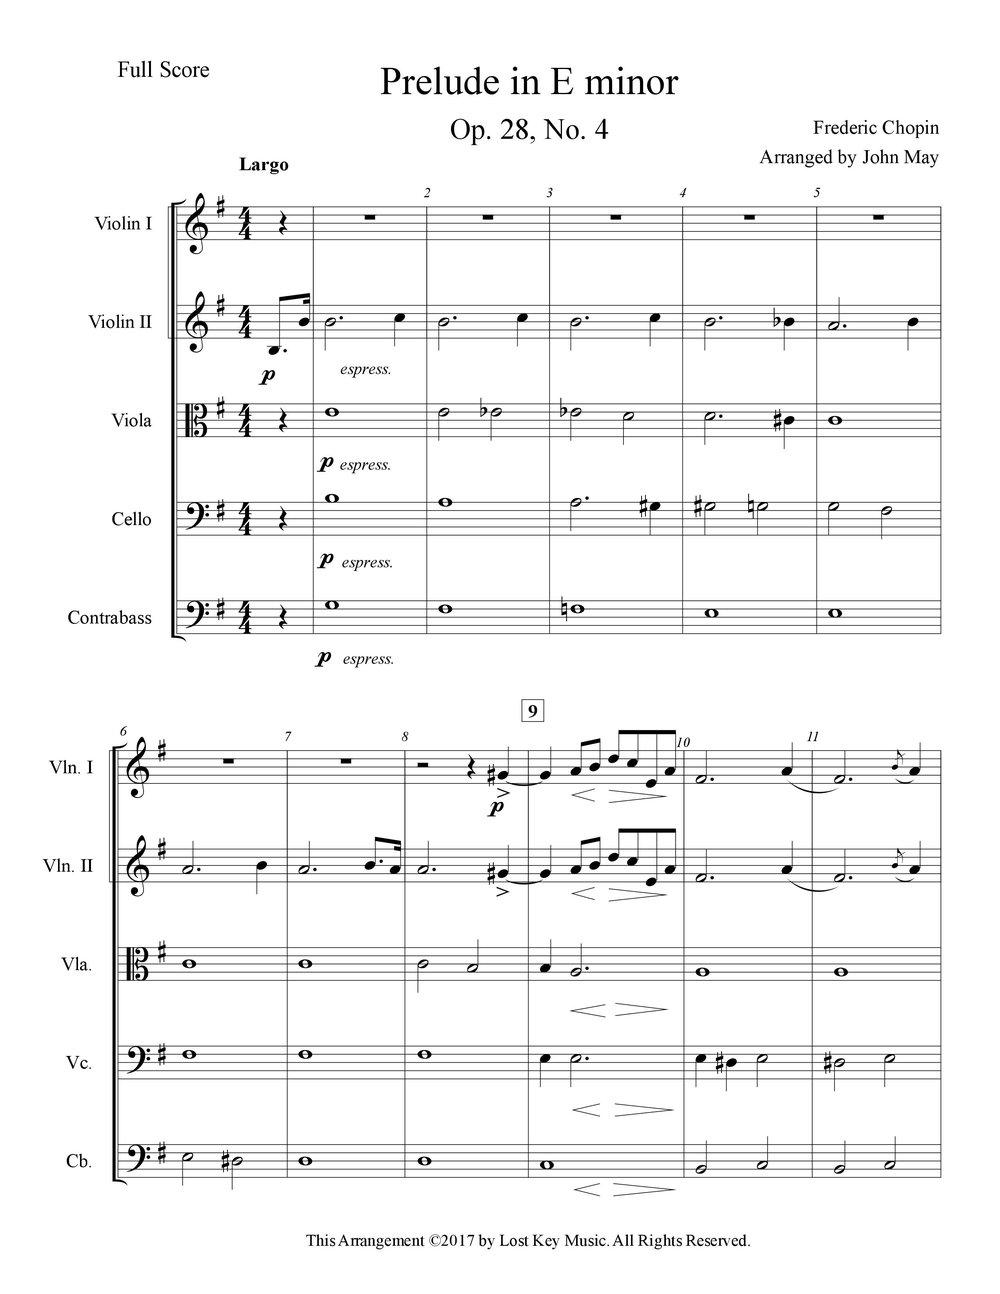 Chopin Prelude in E minor-String Orchestra-Score Sample.jpg